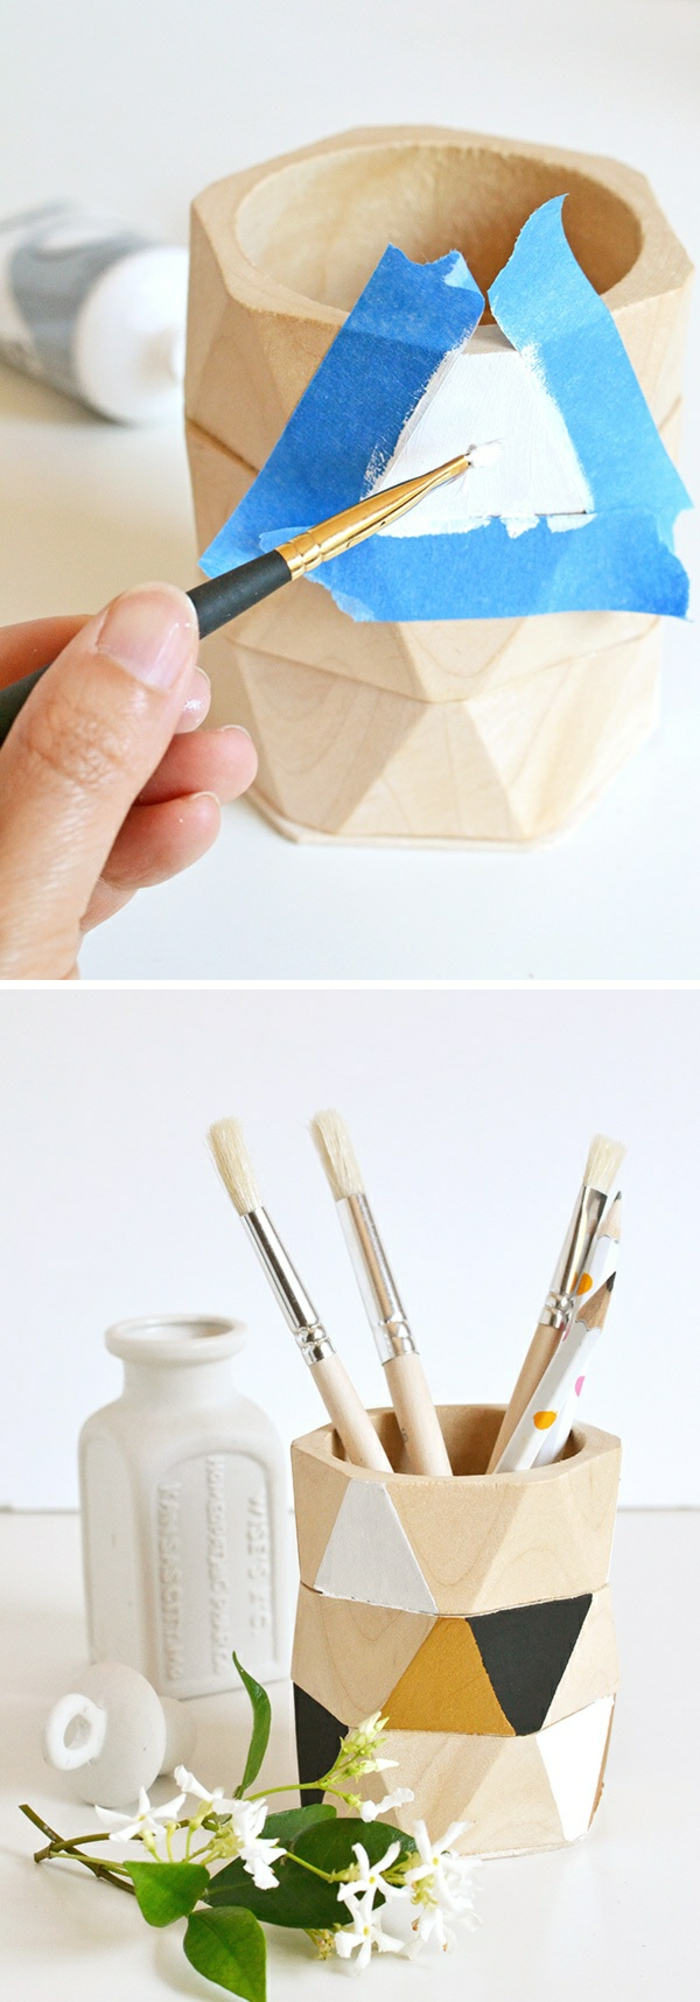 idée cadeau bricolage, modèle de pot à crayon en bois, comment faire un accessoire bureau avec bracelets en bois